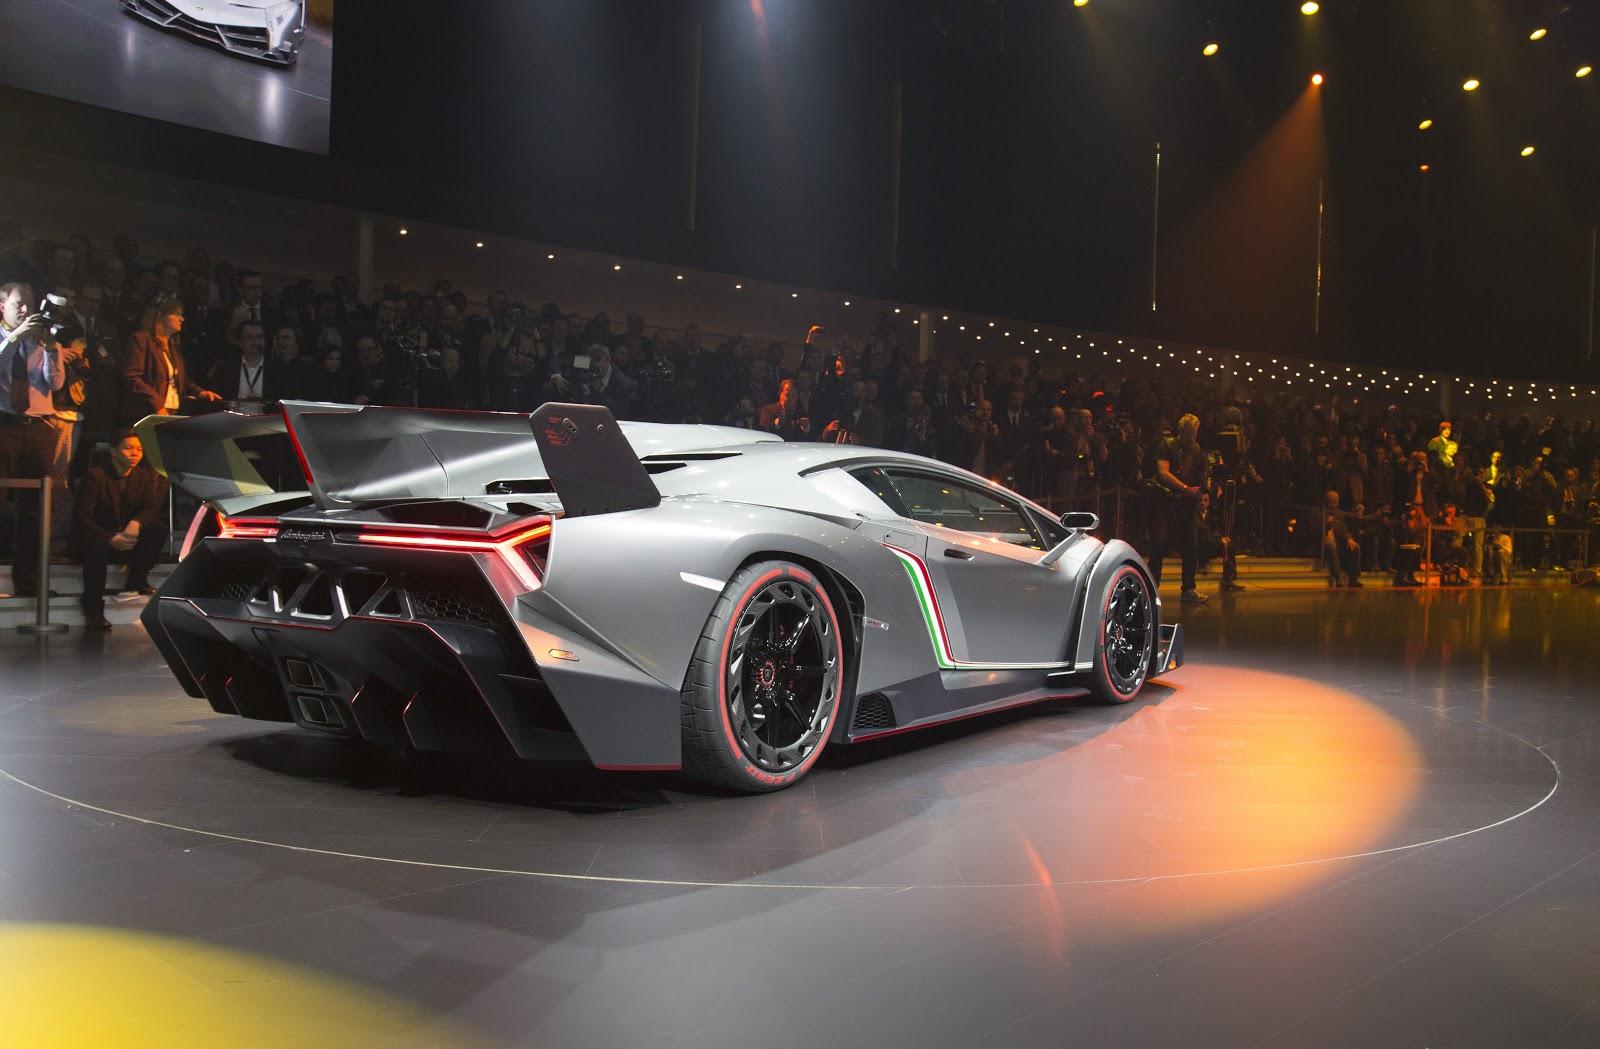 lamborghini launches veneno super sports car | philippine car news